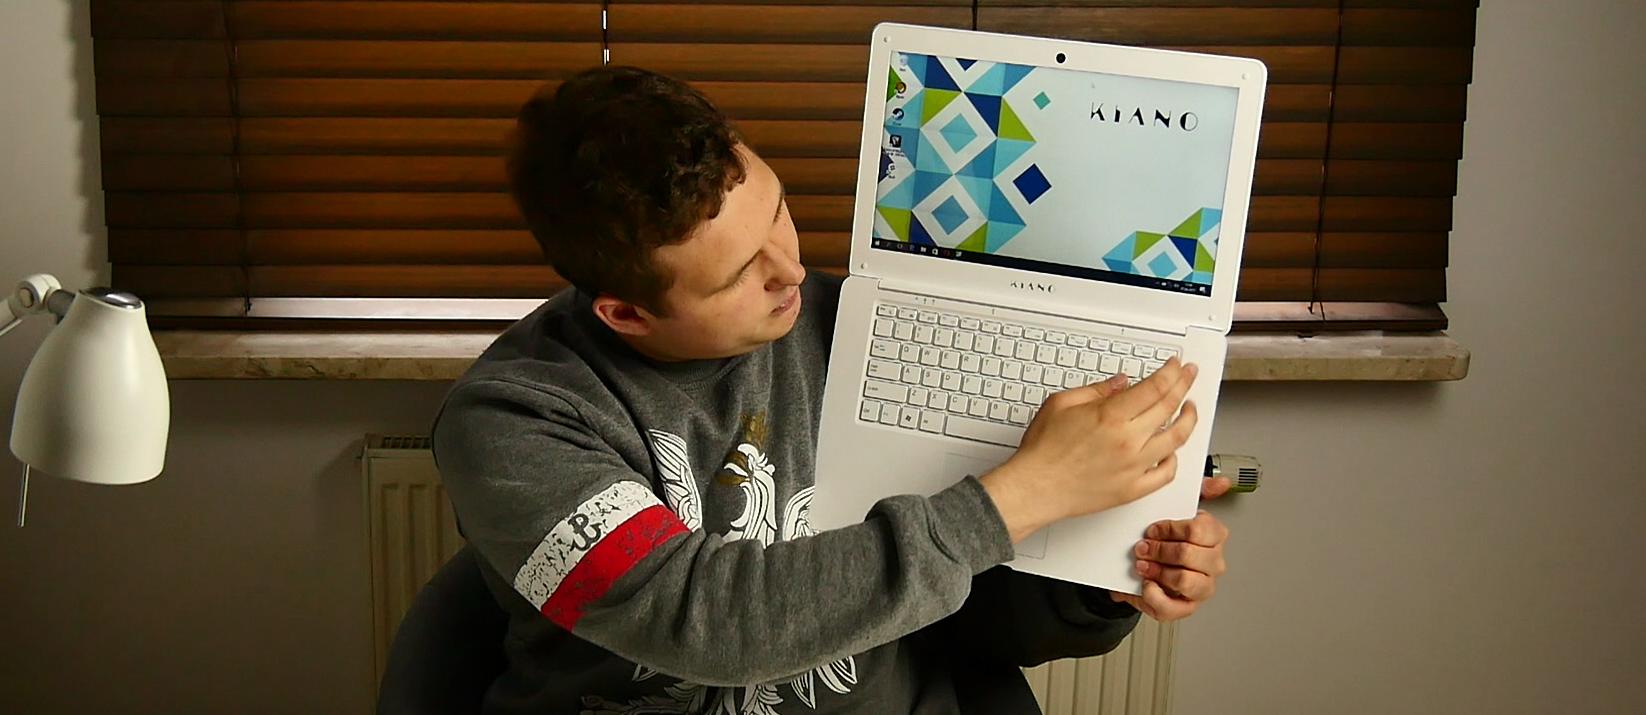 a6fda554b4606 Przetestowaliśmy Kiano SlimNote 14.1 - polski laptop z Biedronki za 599 zł